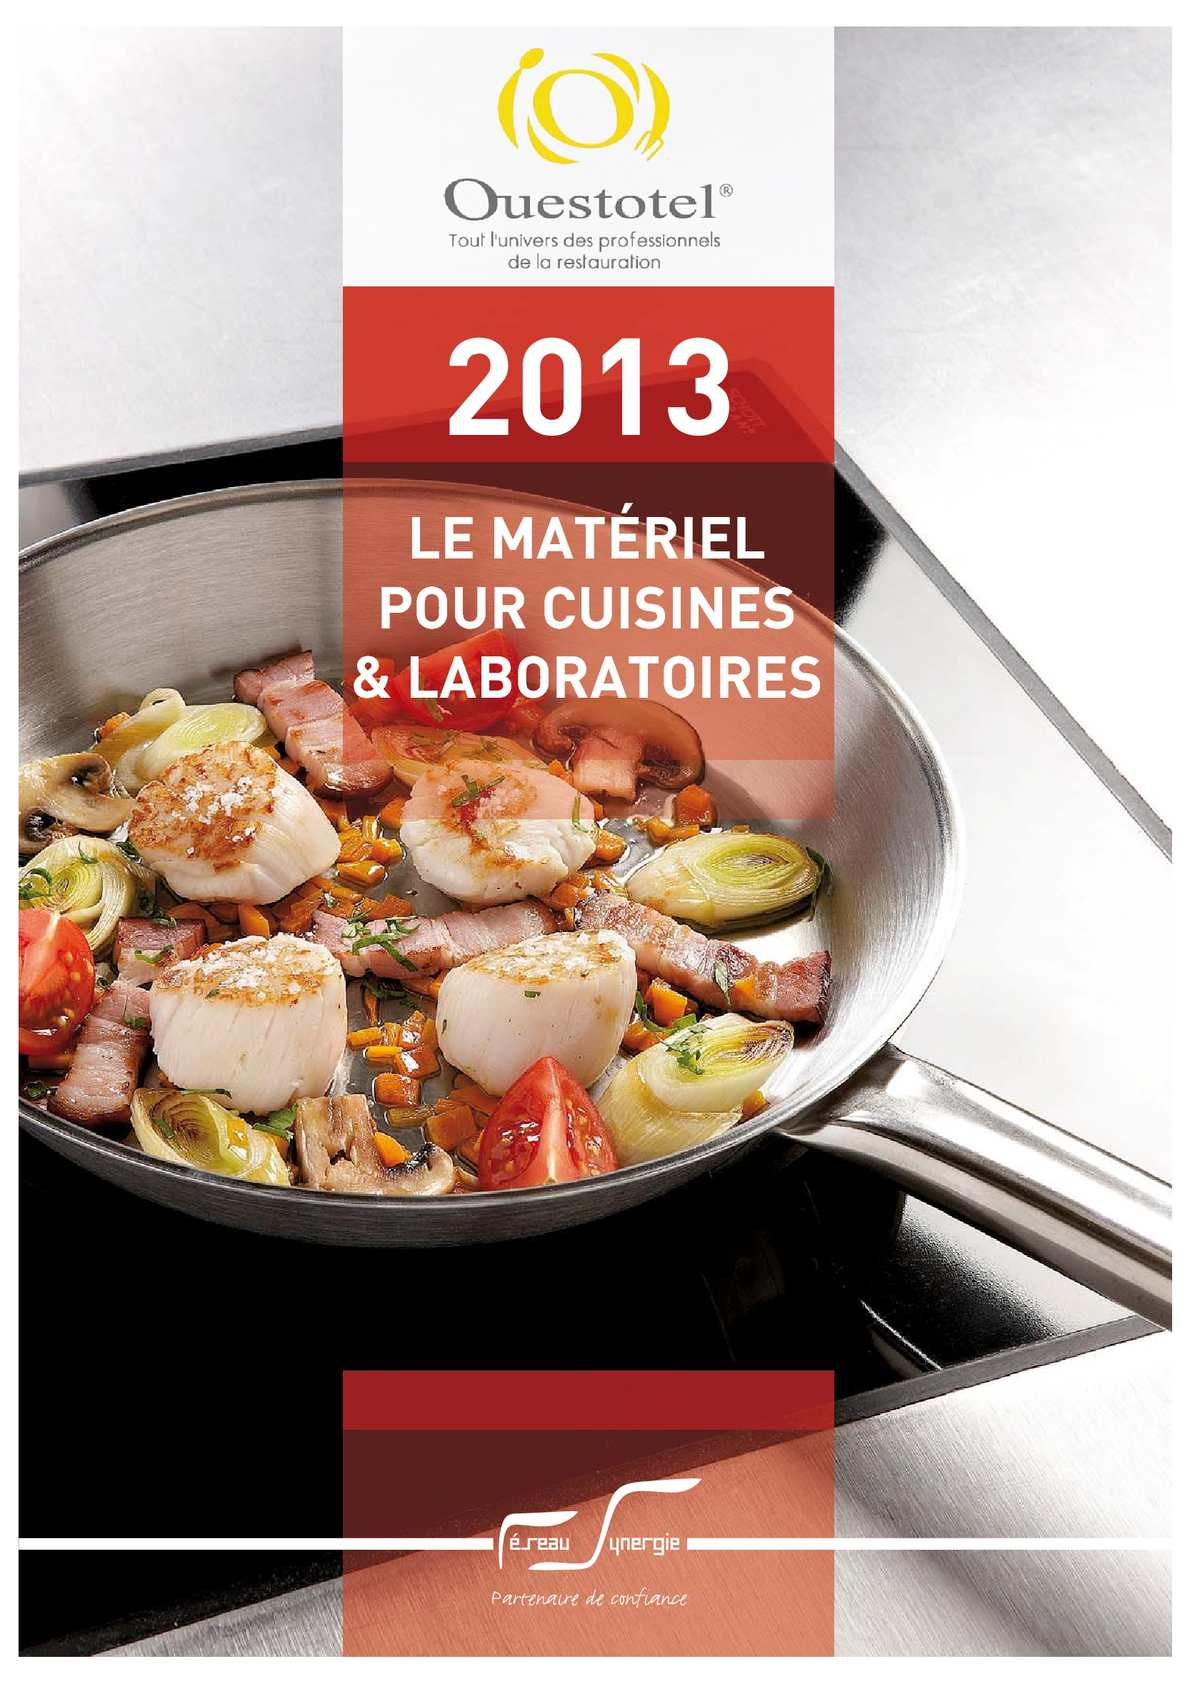 Calaméo Matériel Pour Cuisines Et Laboratoires Ouestotel - Carrelage cuisine et tapis silicone macarons